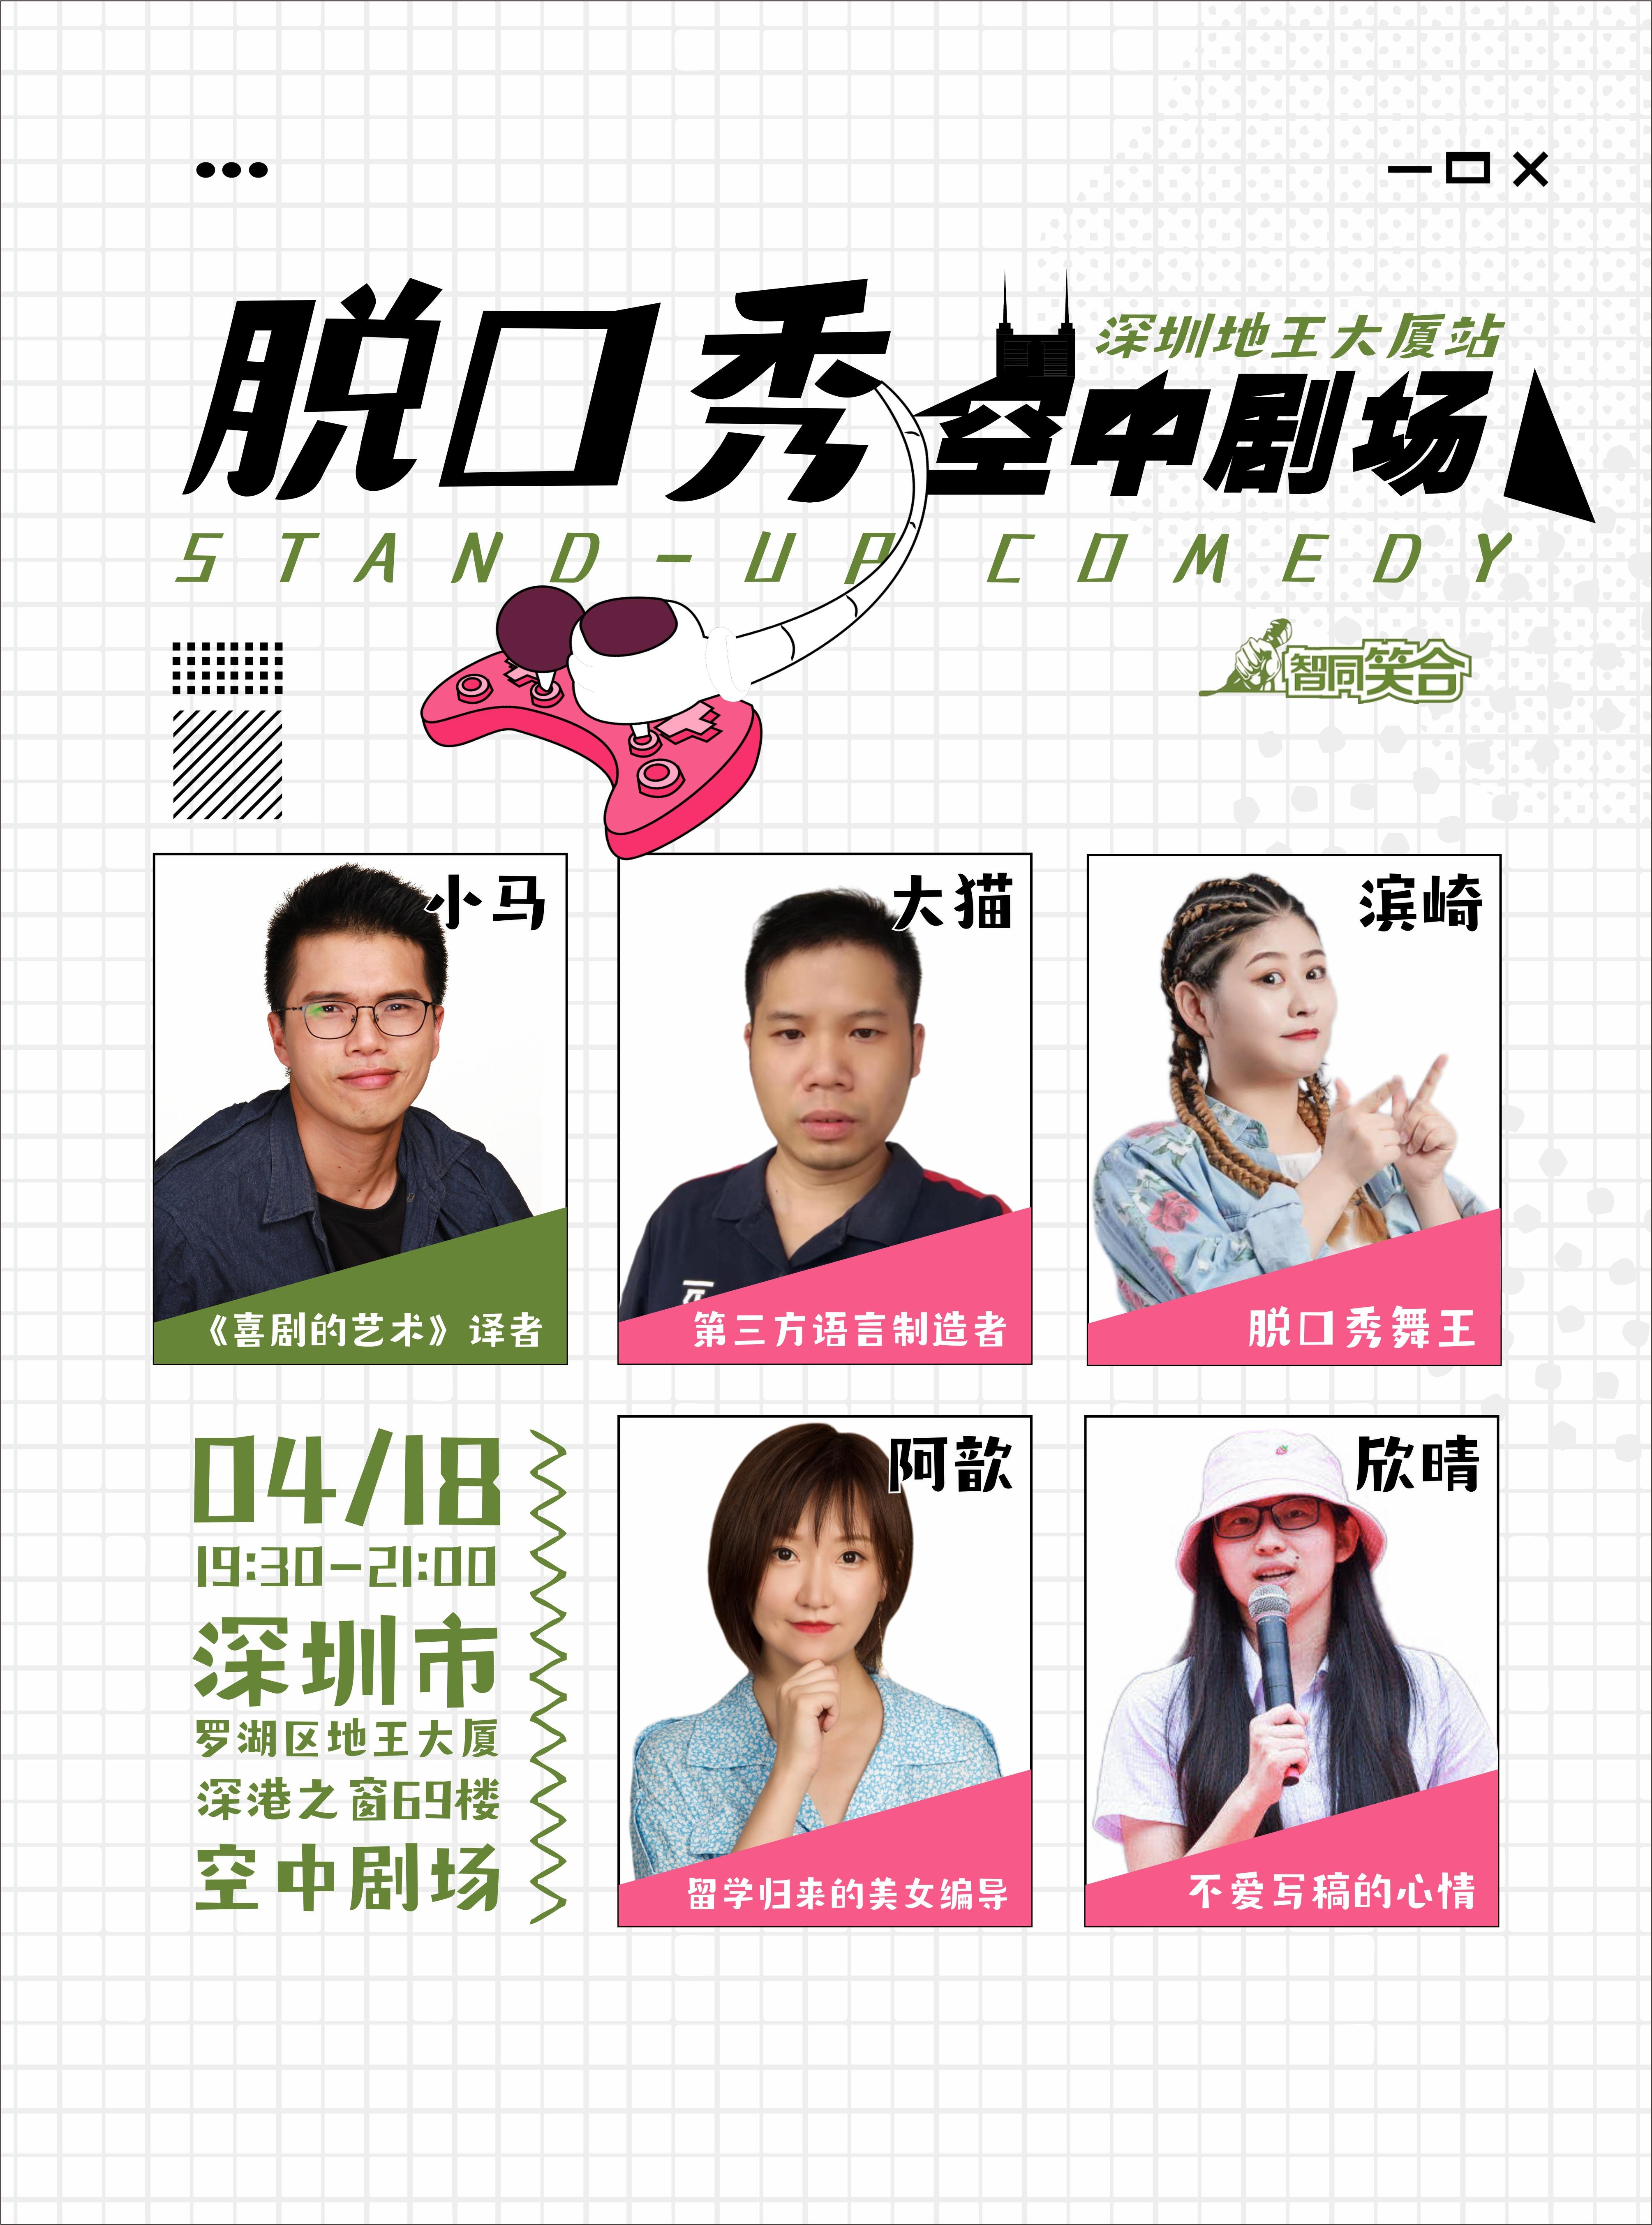 【深圳】智同笑合脱口秀x地王观光|每周日空中剧场